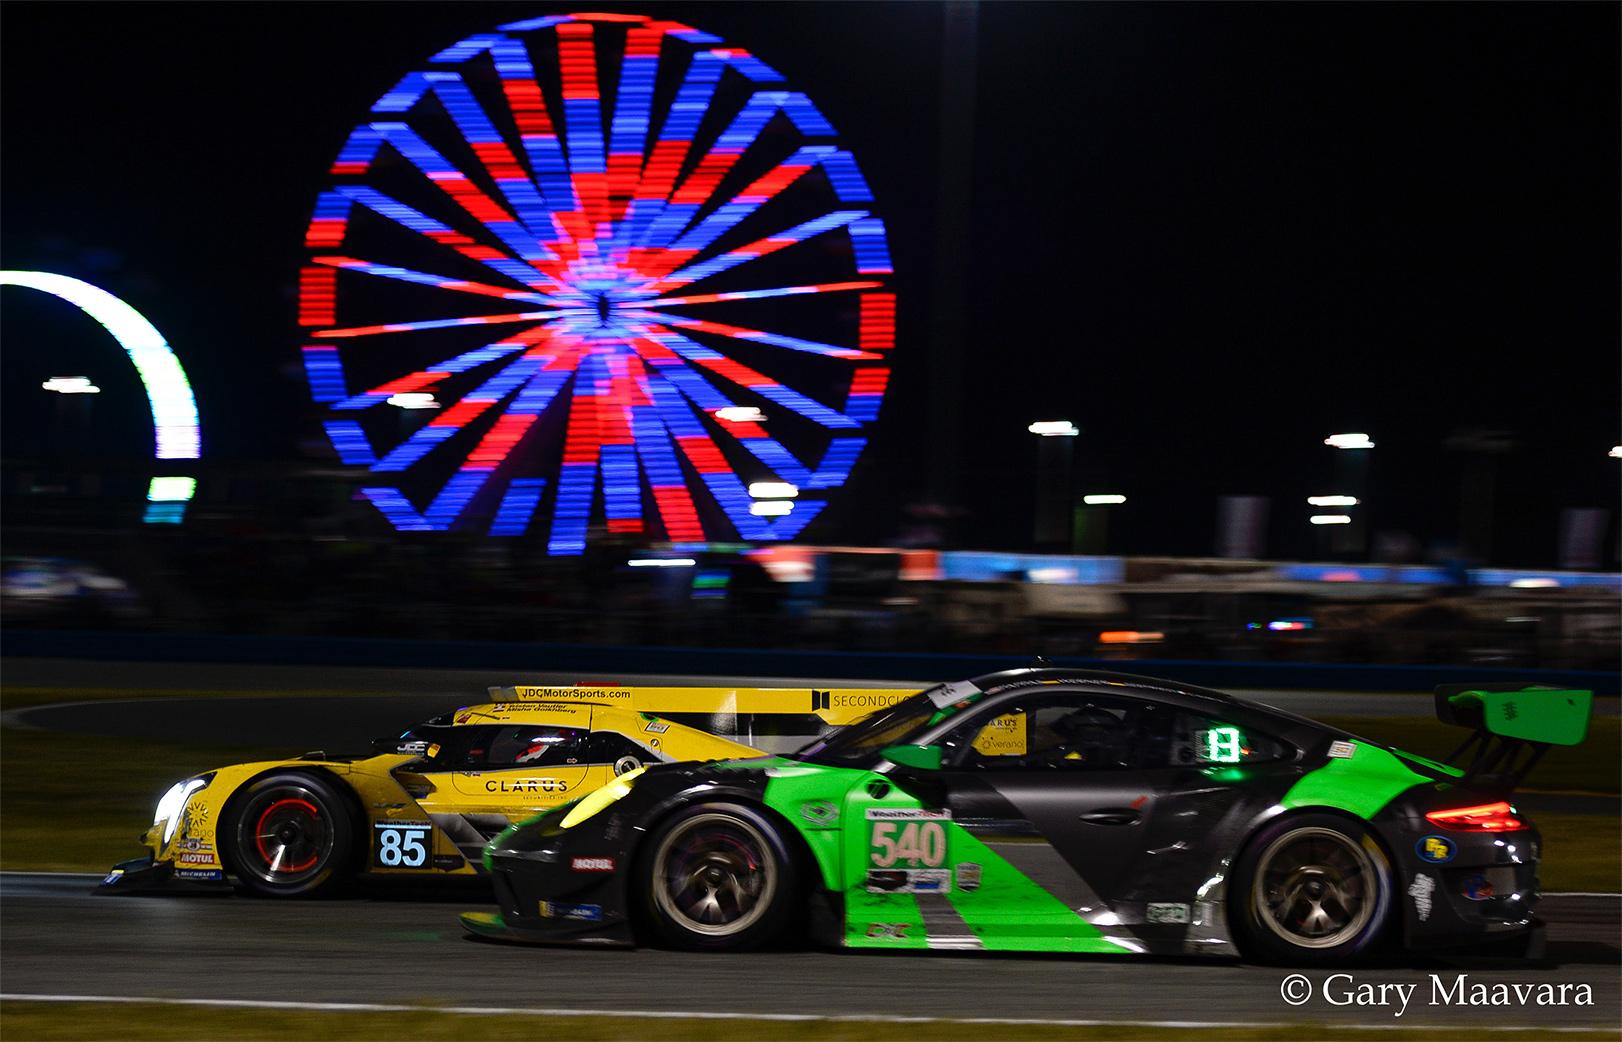 TrackWorthy - Rolex 24_ race_#85_Cadillac CPi-VR_#540_Ferris Wheel at night